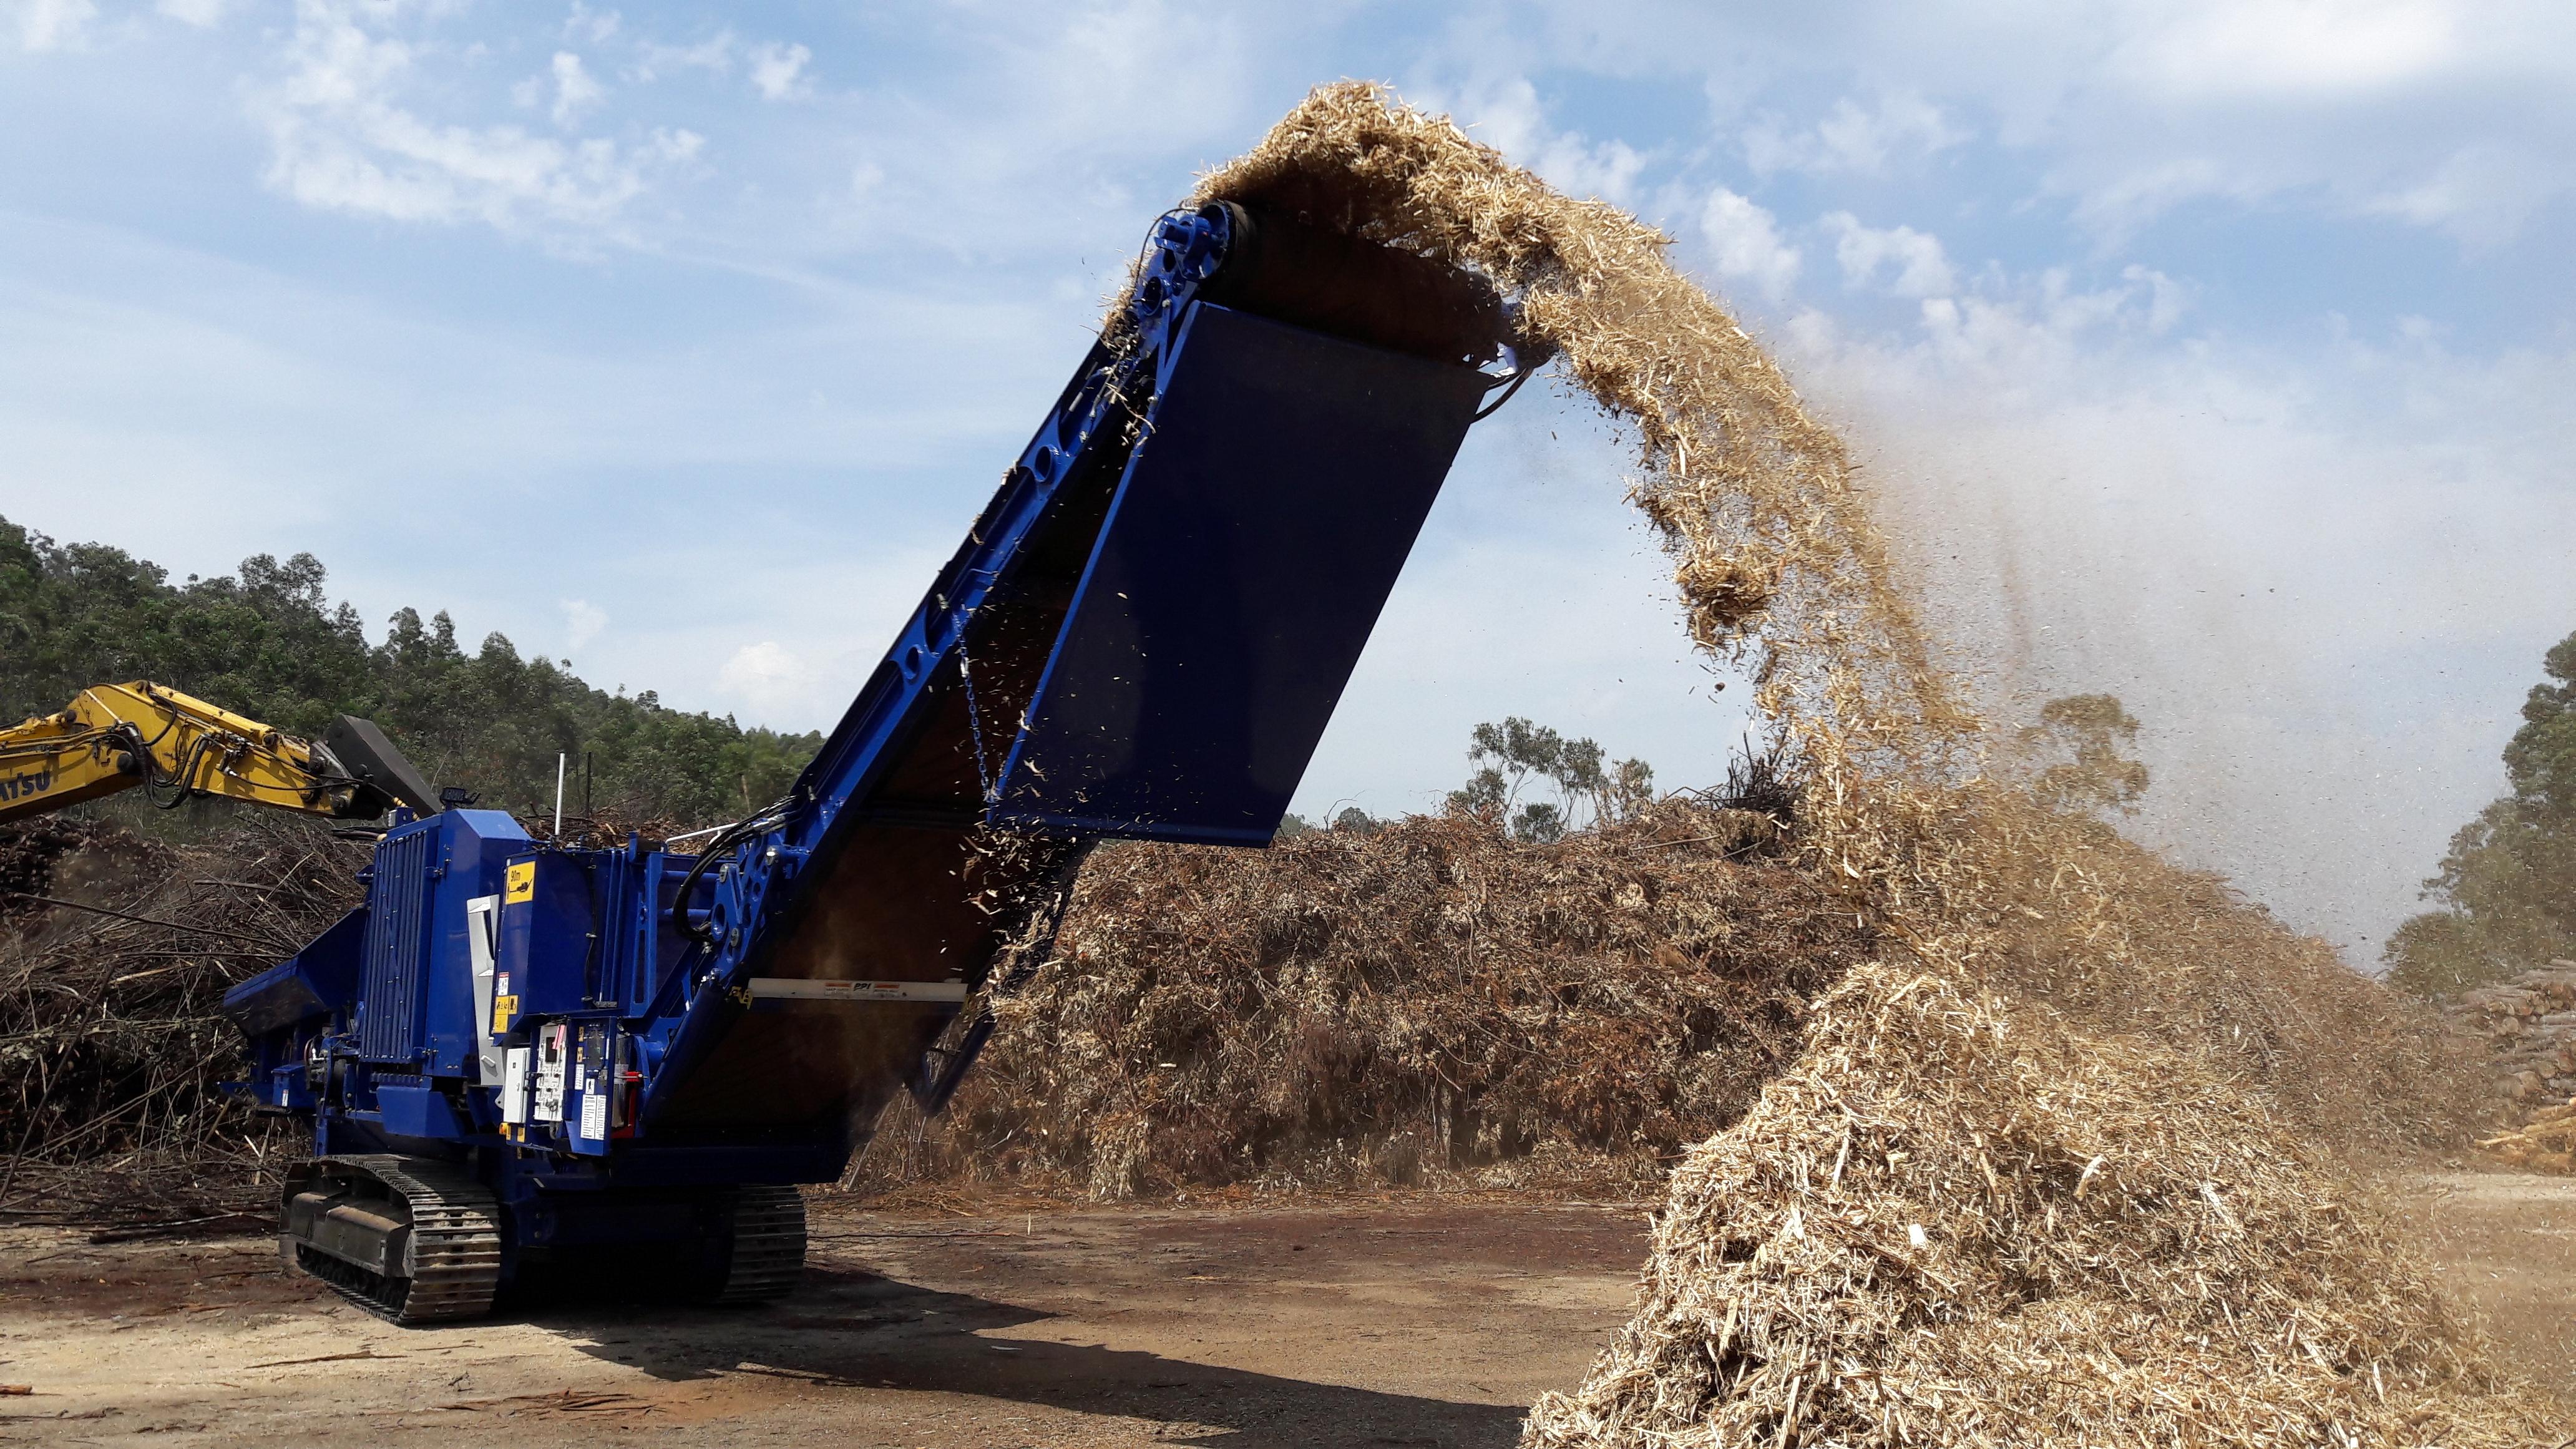 Équipement Pour La Préparation De La Biomasse Forestière Residuelle à Des Fins énergétiques.